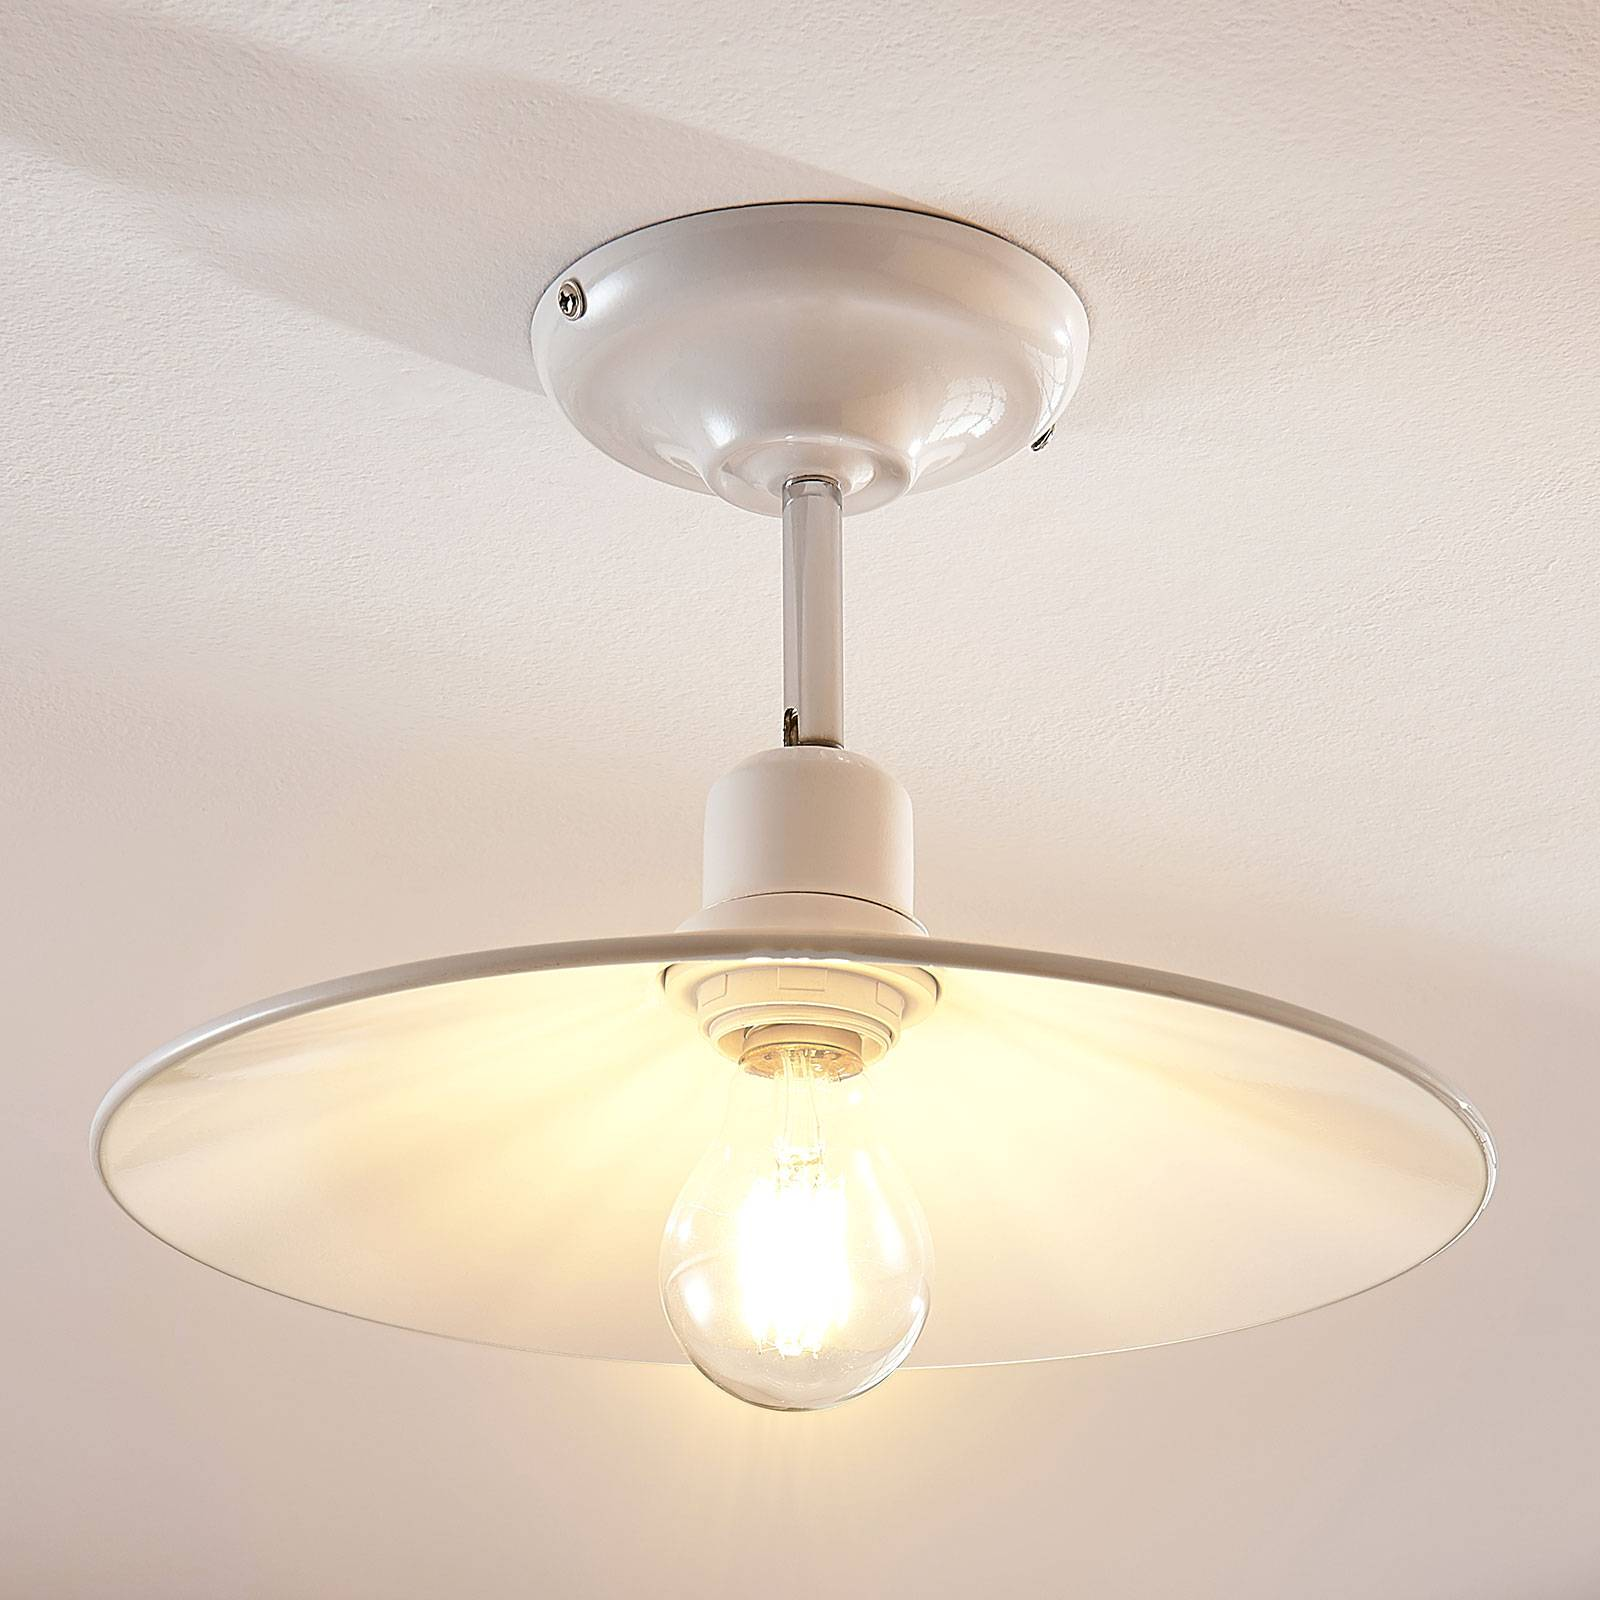 Witte metalen plafondlamp Phinea, vintage look